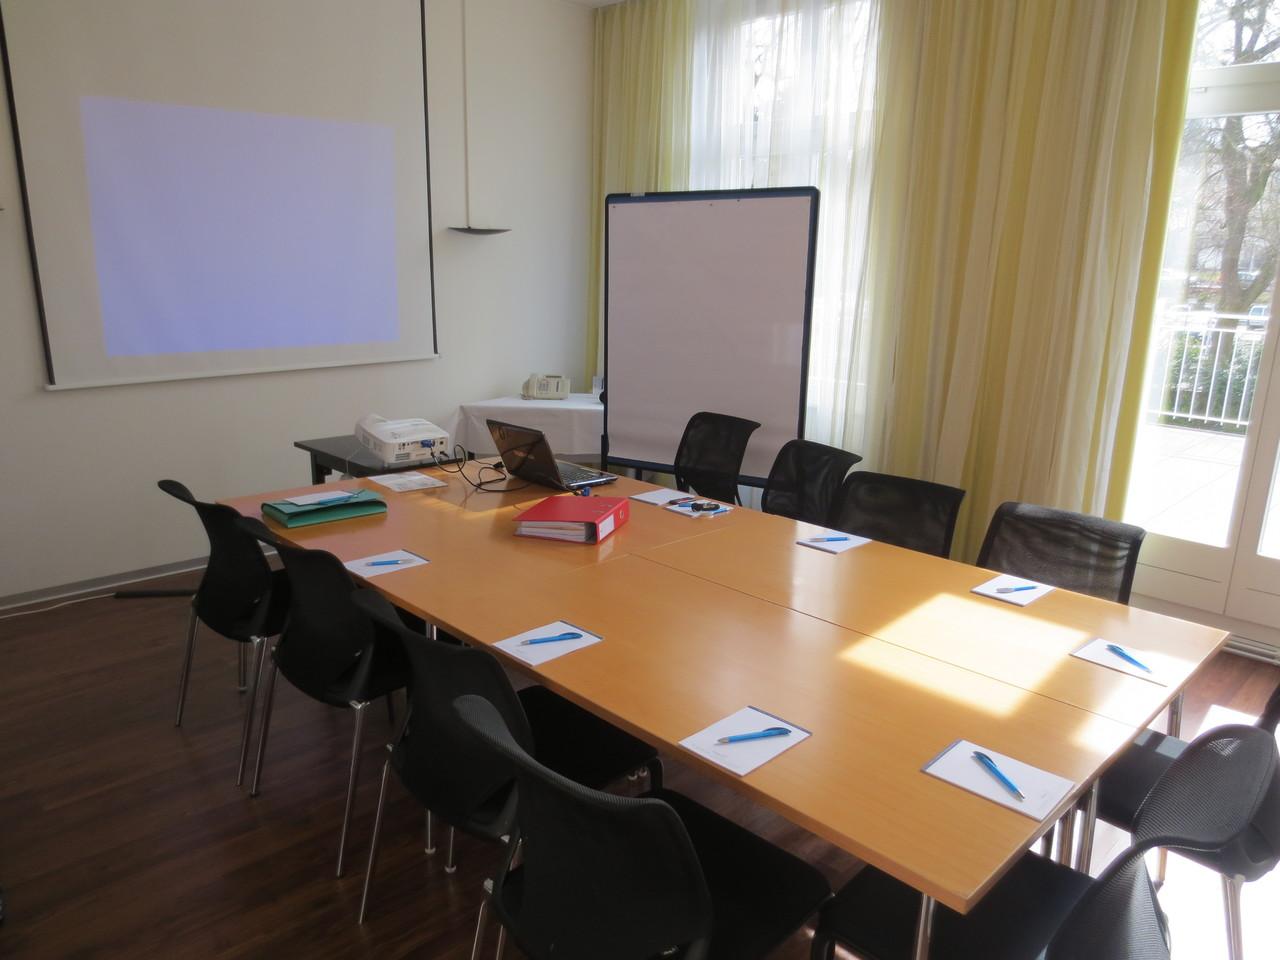 Letzte Vorbereitungen vor der HV im Galeriezimmer des Hotels Schützen in Rheinfelden